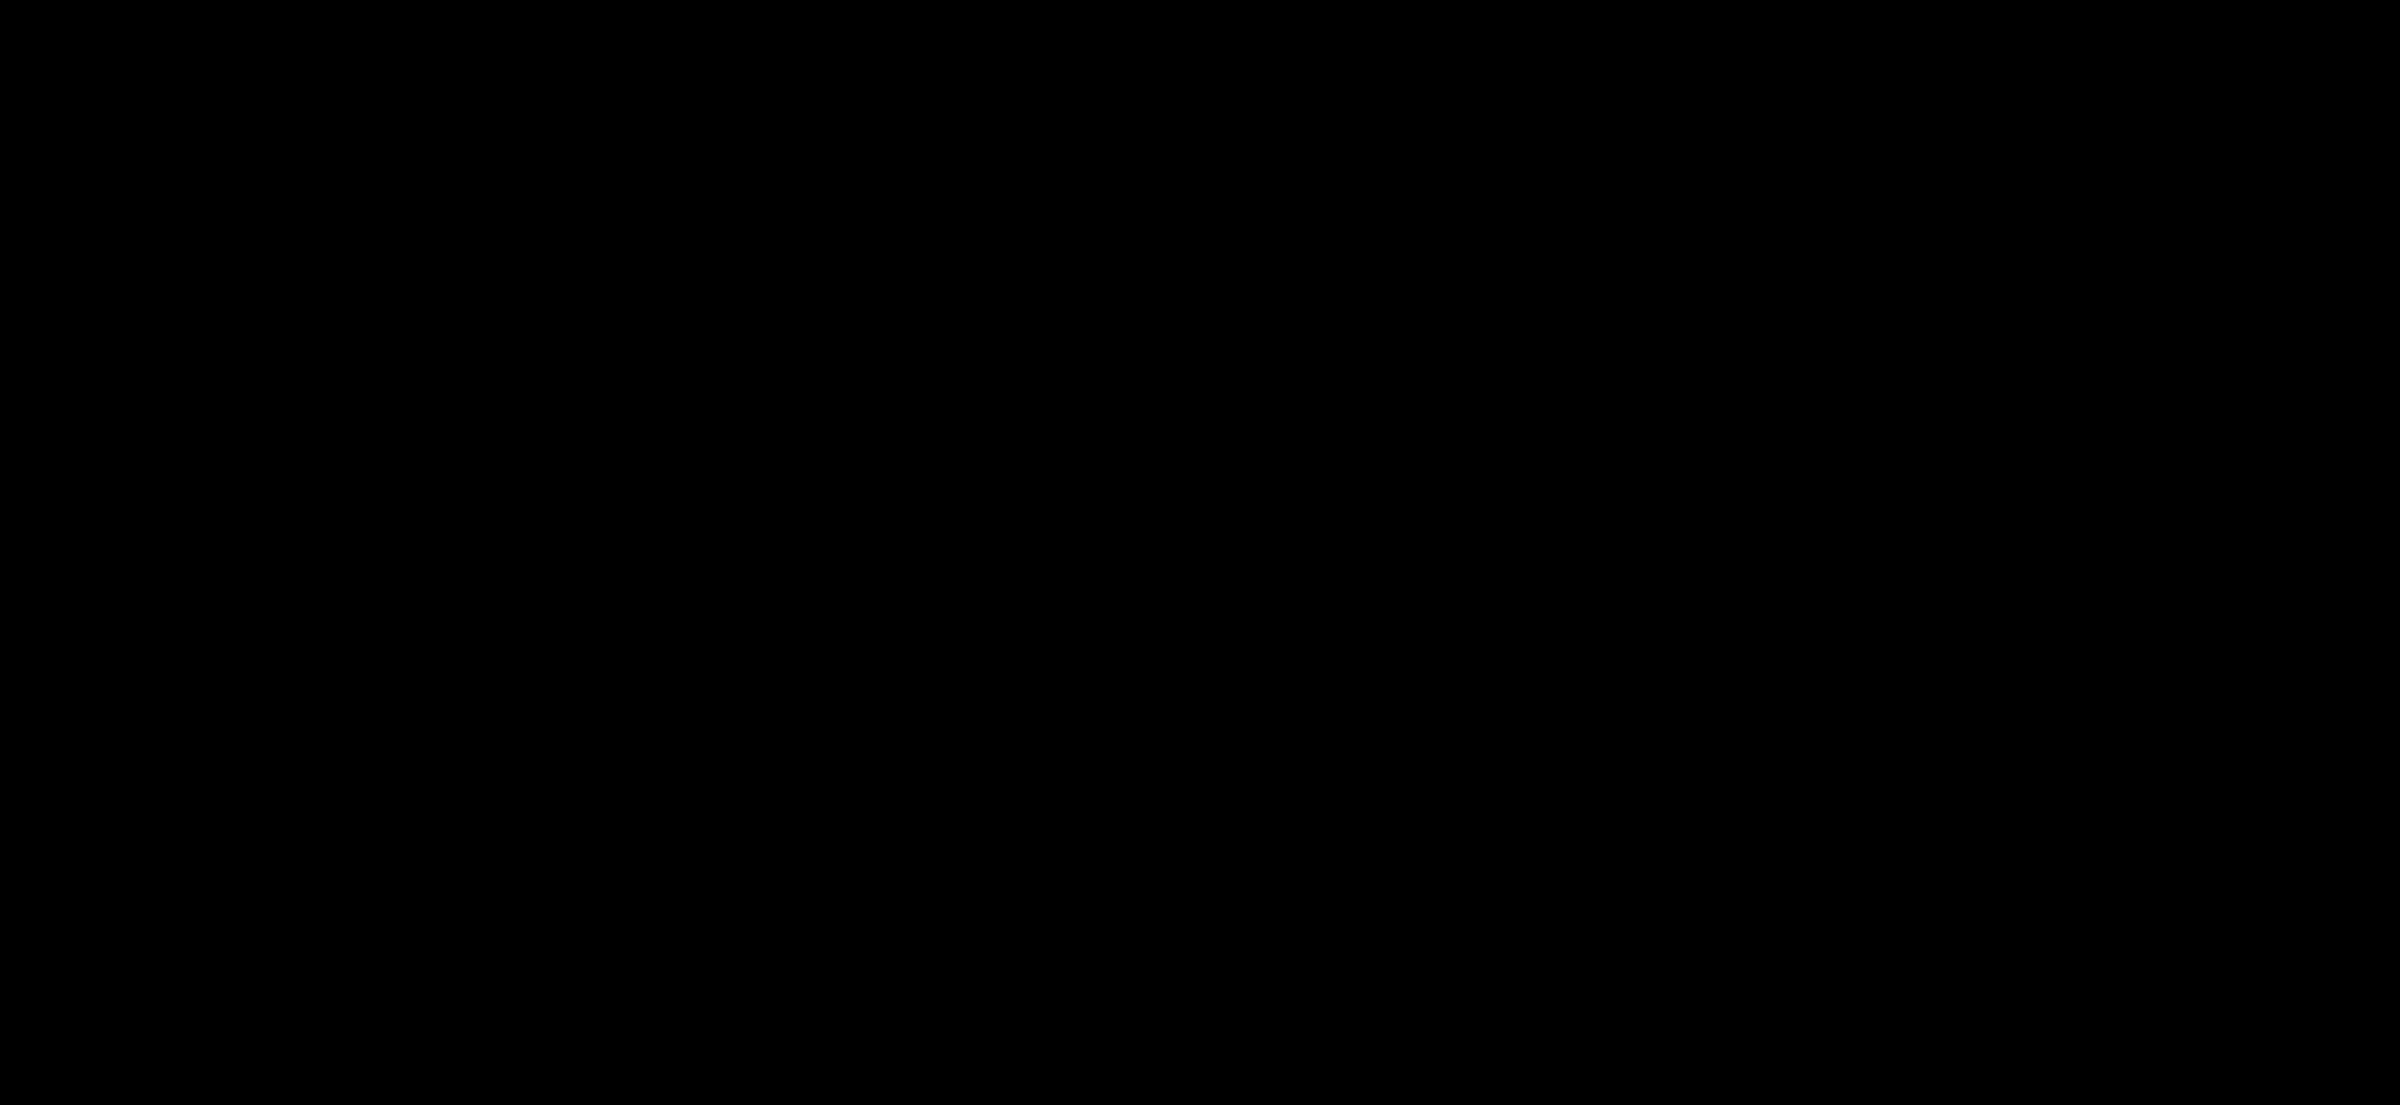 Trombone PNG - 17655